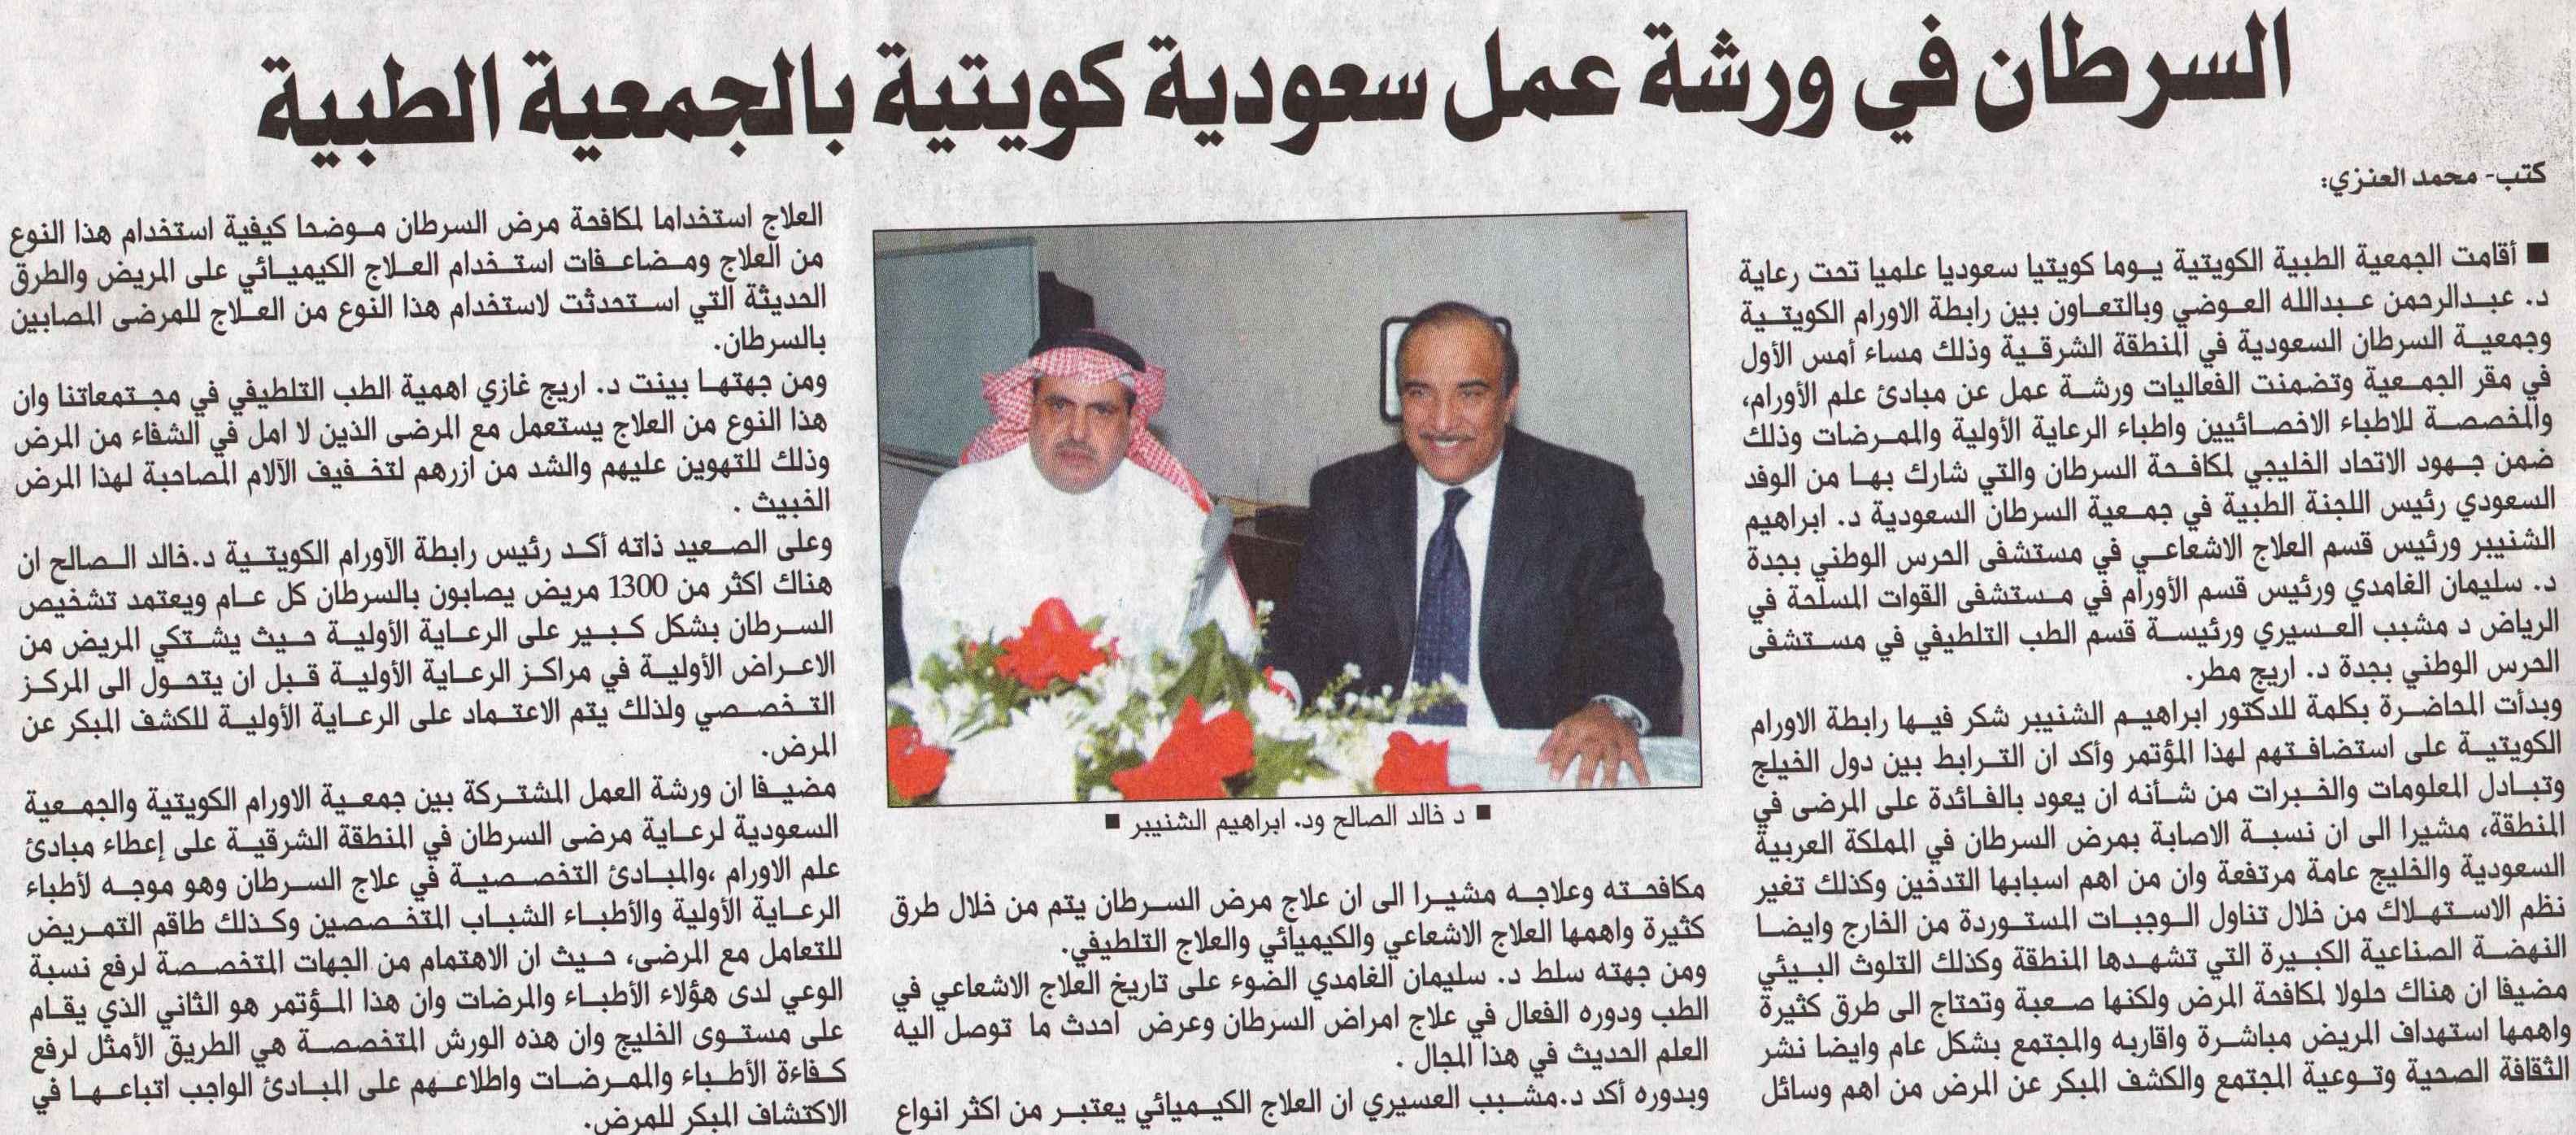 رابطة الأورام نظمت يوم كويتي سعودي